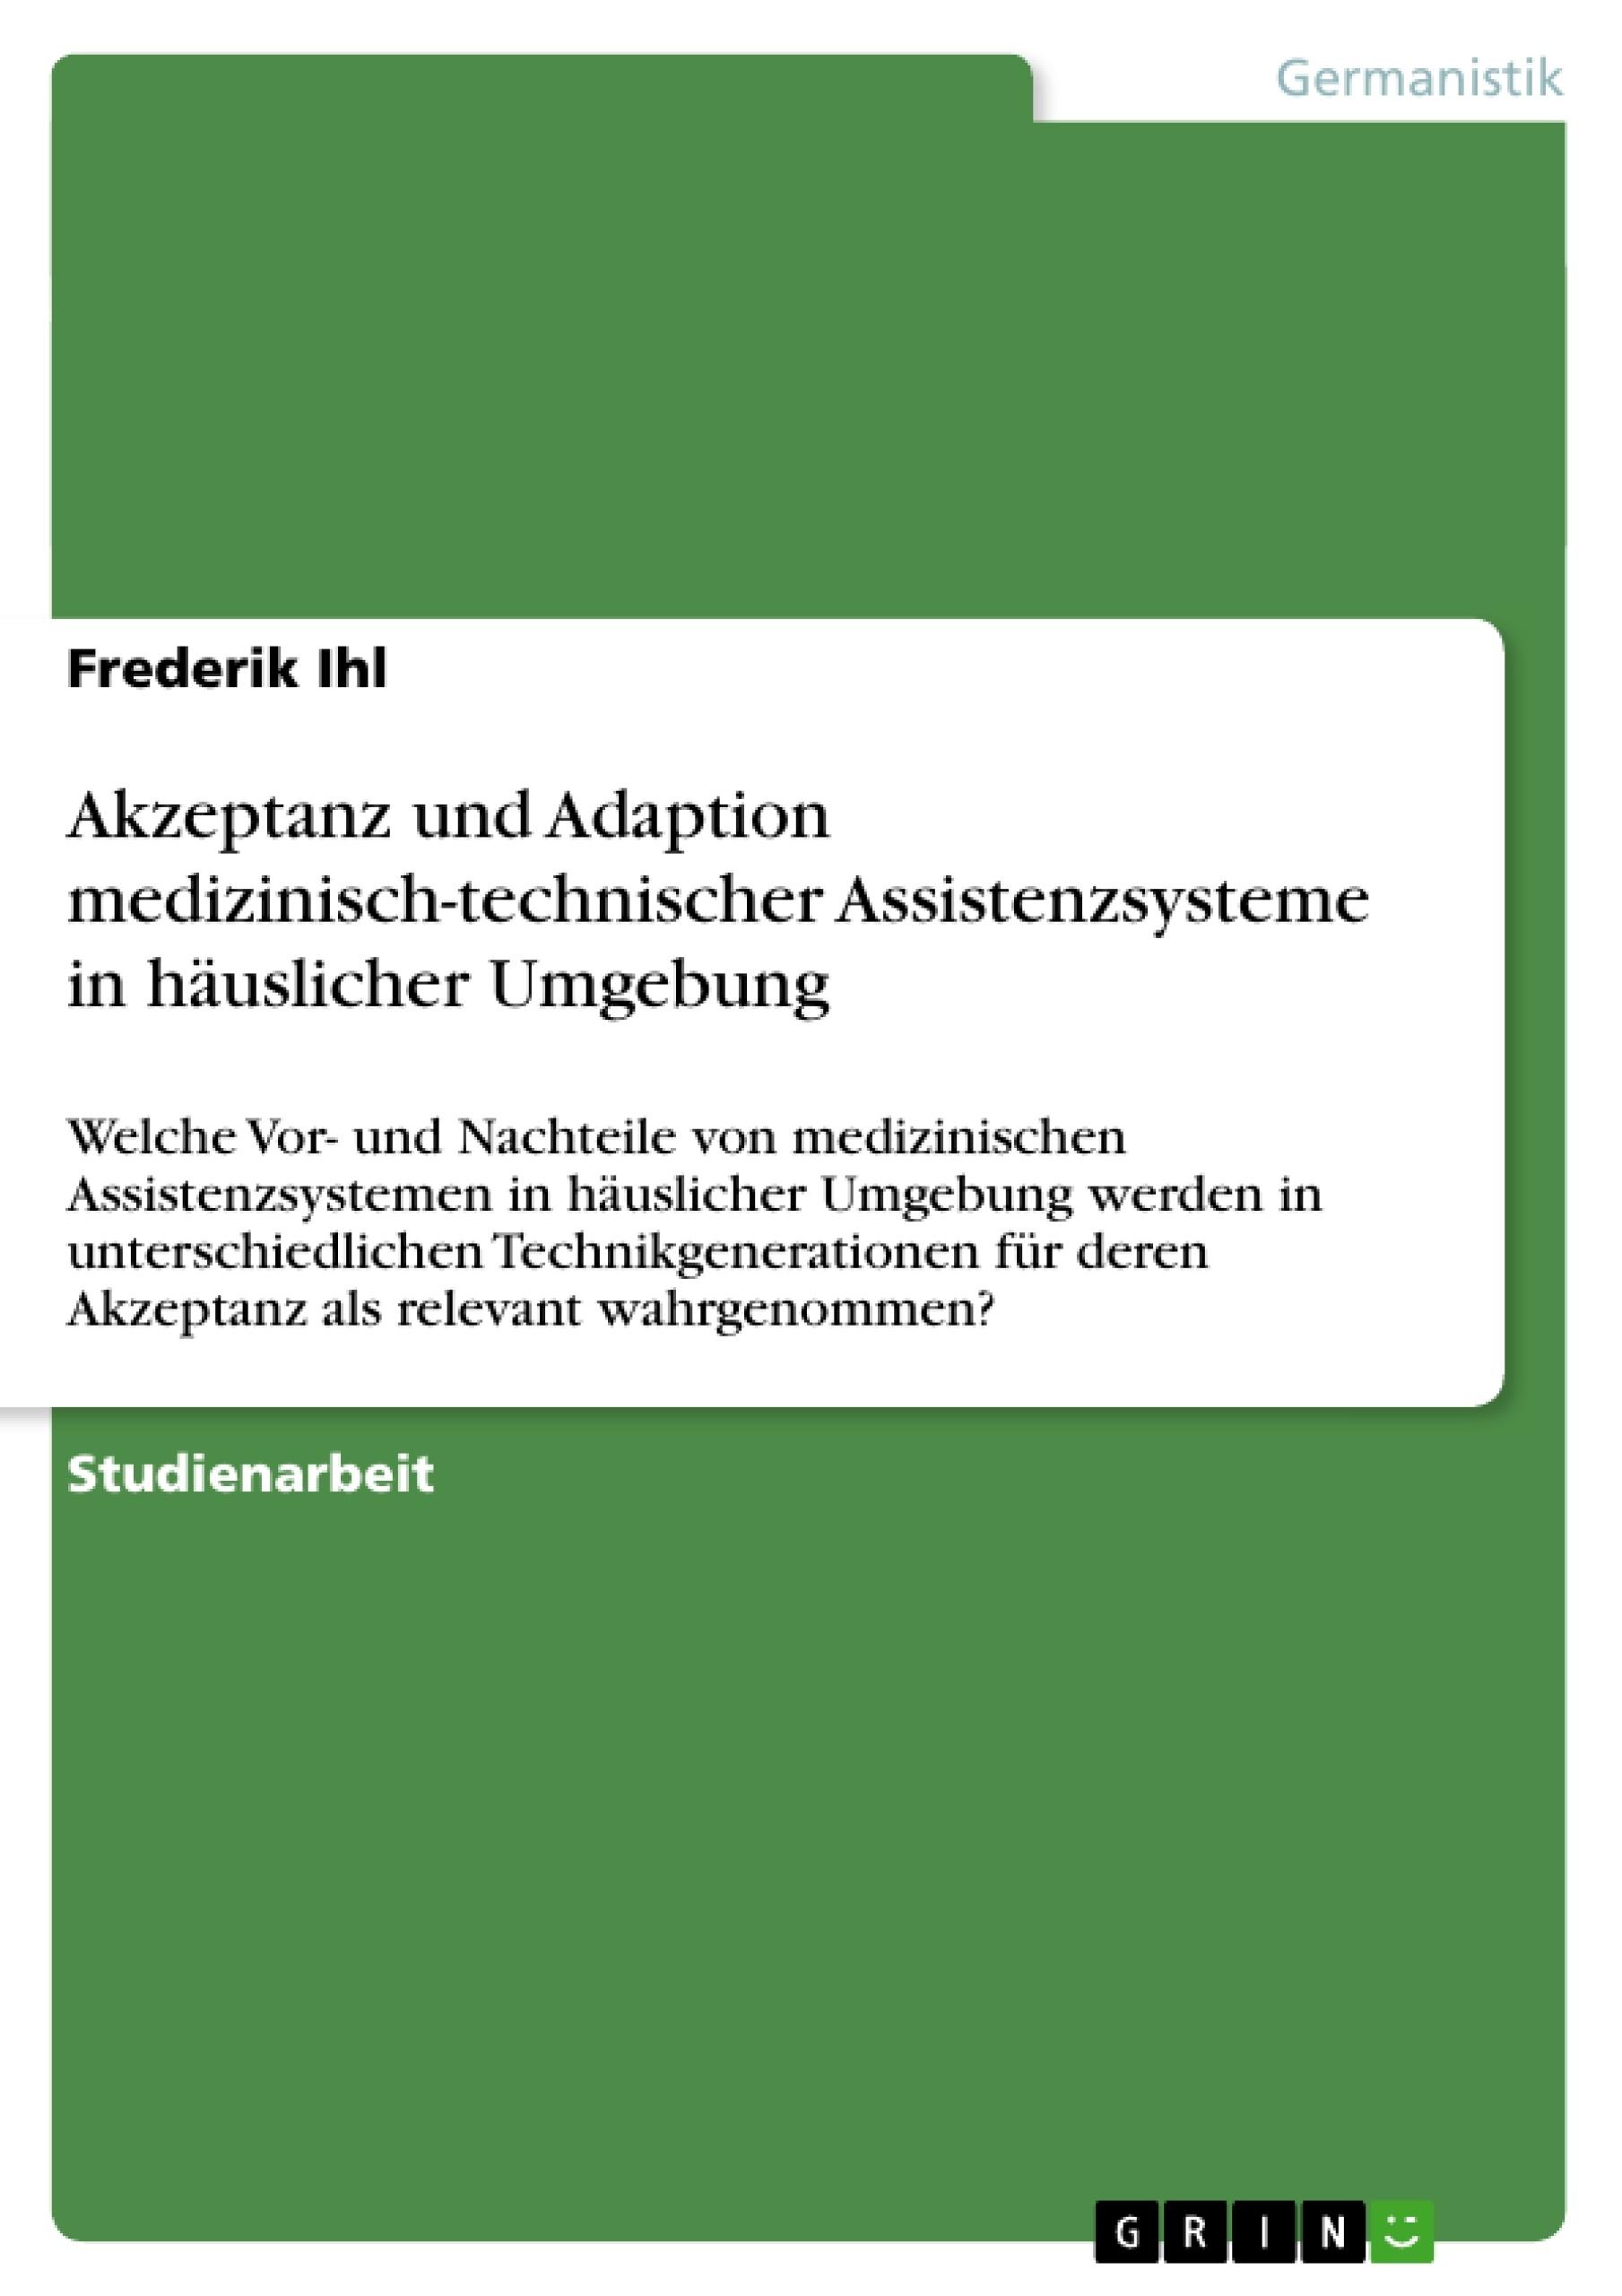 Titel: Akzeptanz und Adaption medizinisch-technischer Assistenzsysteme in häuslicher Umgebung